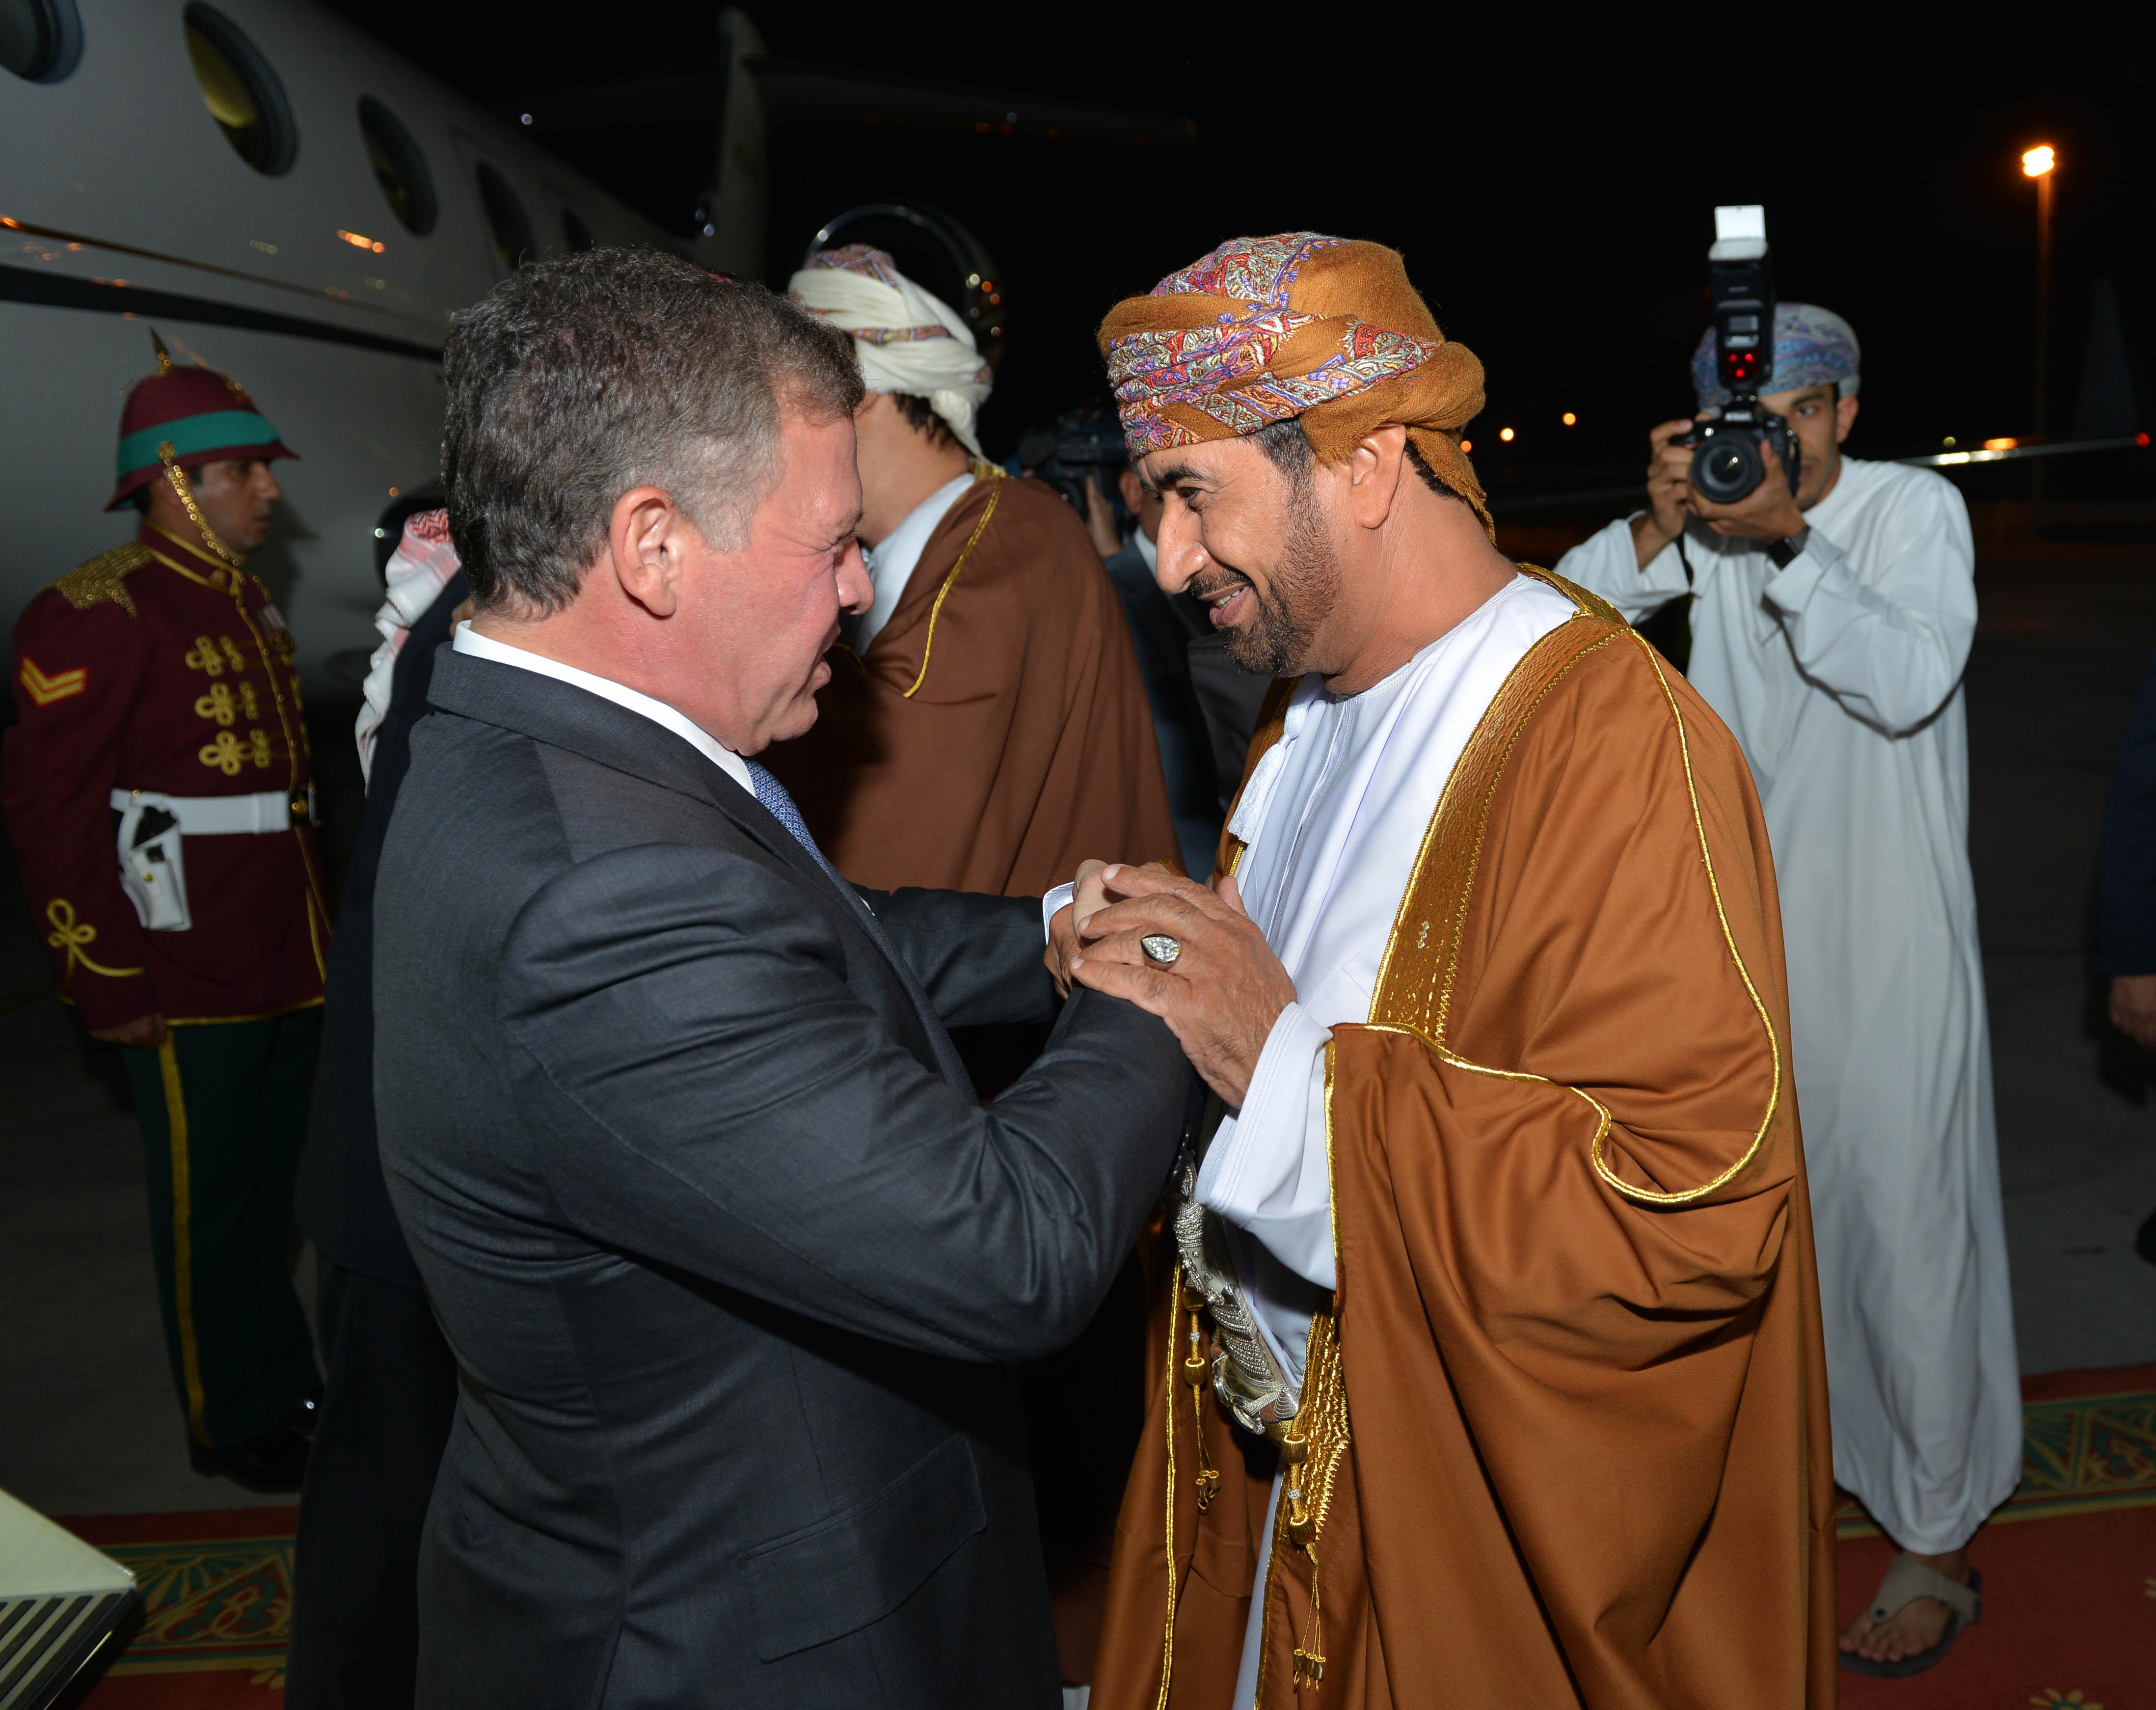 بالصور: ملك الأردن يصل السلطنة في زيارة خاصة